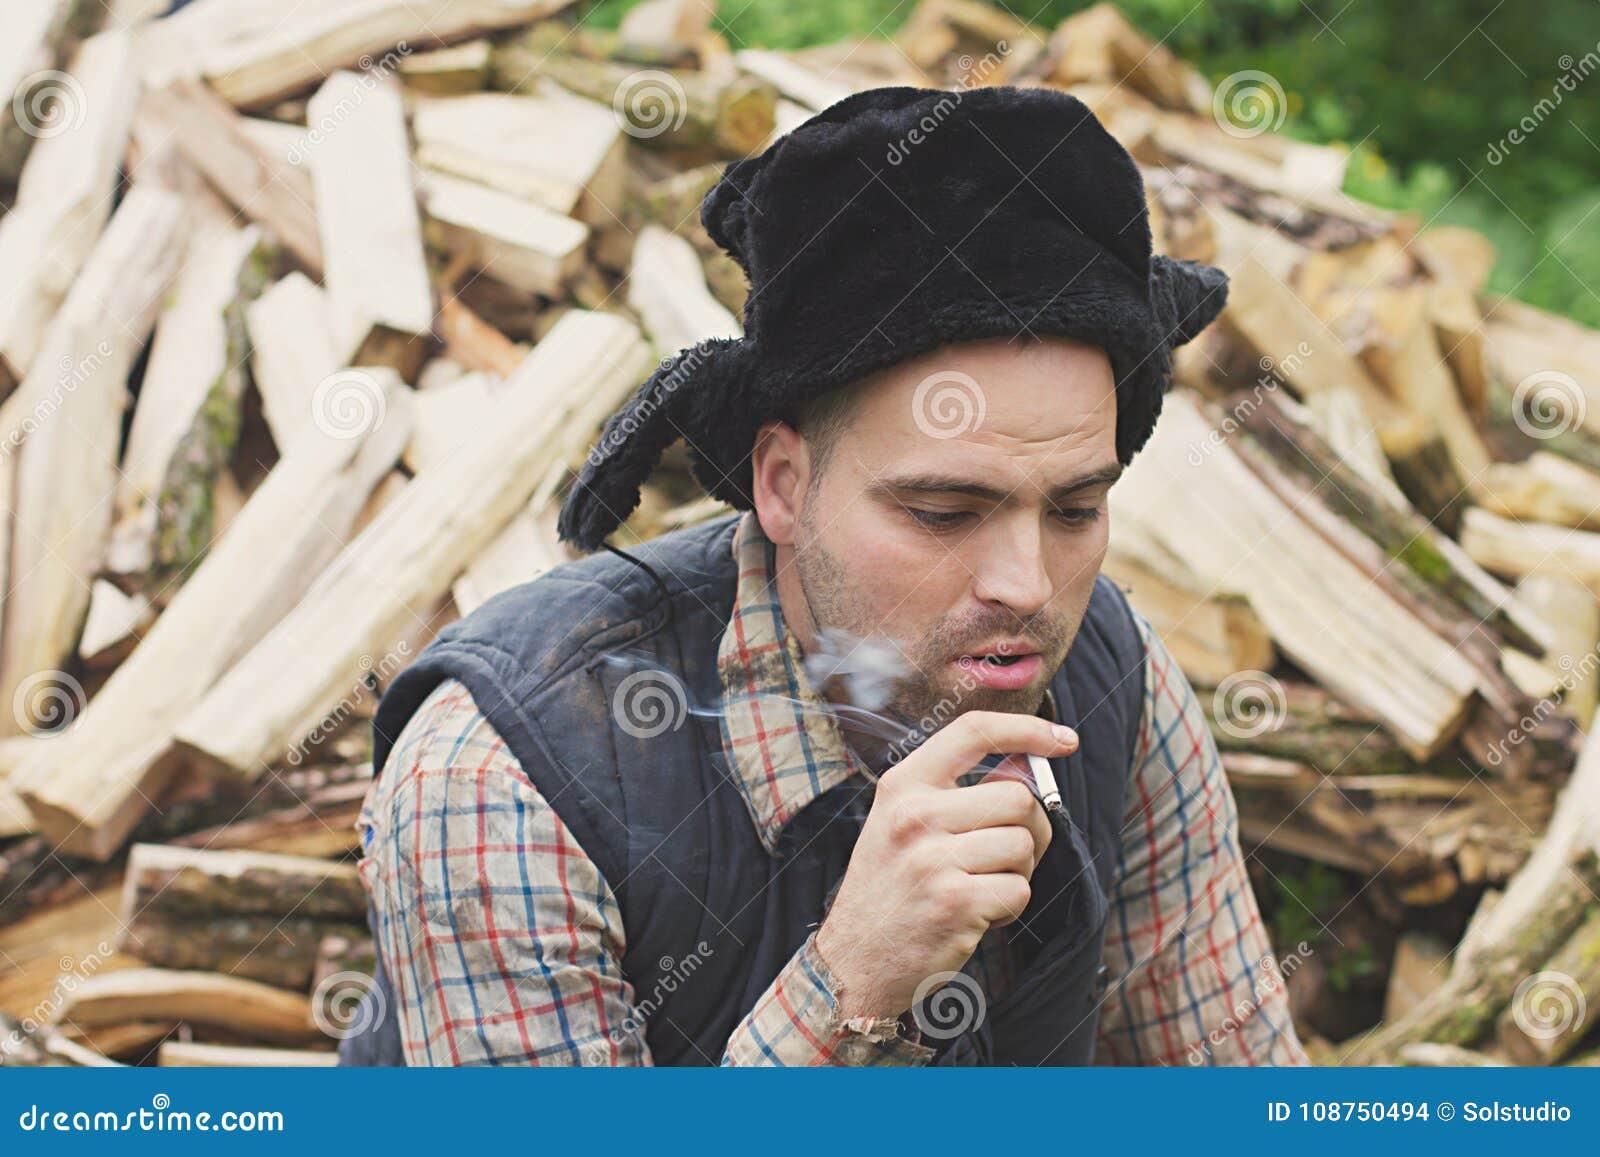 Leñador en el sombrero foto de archivo. Imagen de varón - 108750494 c9906a96ab4